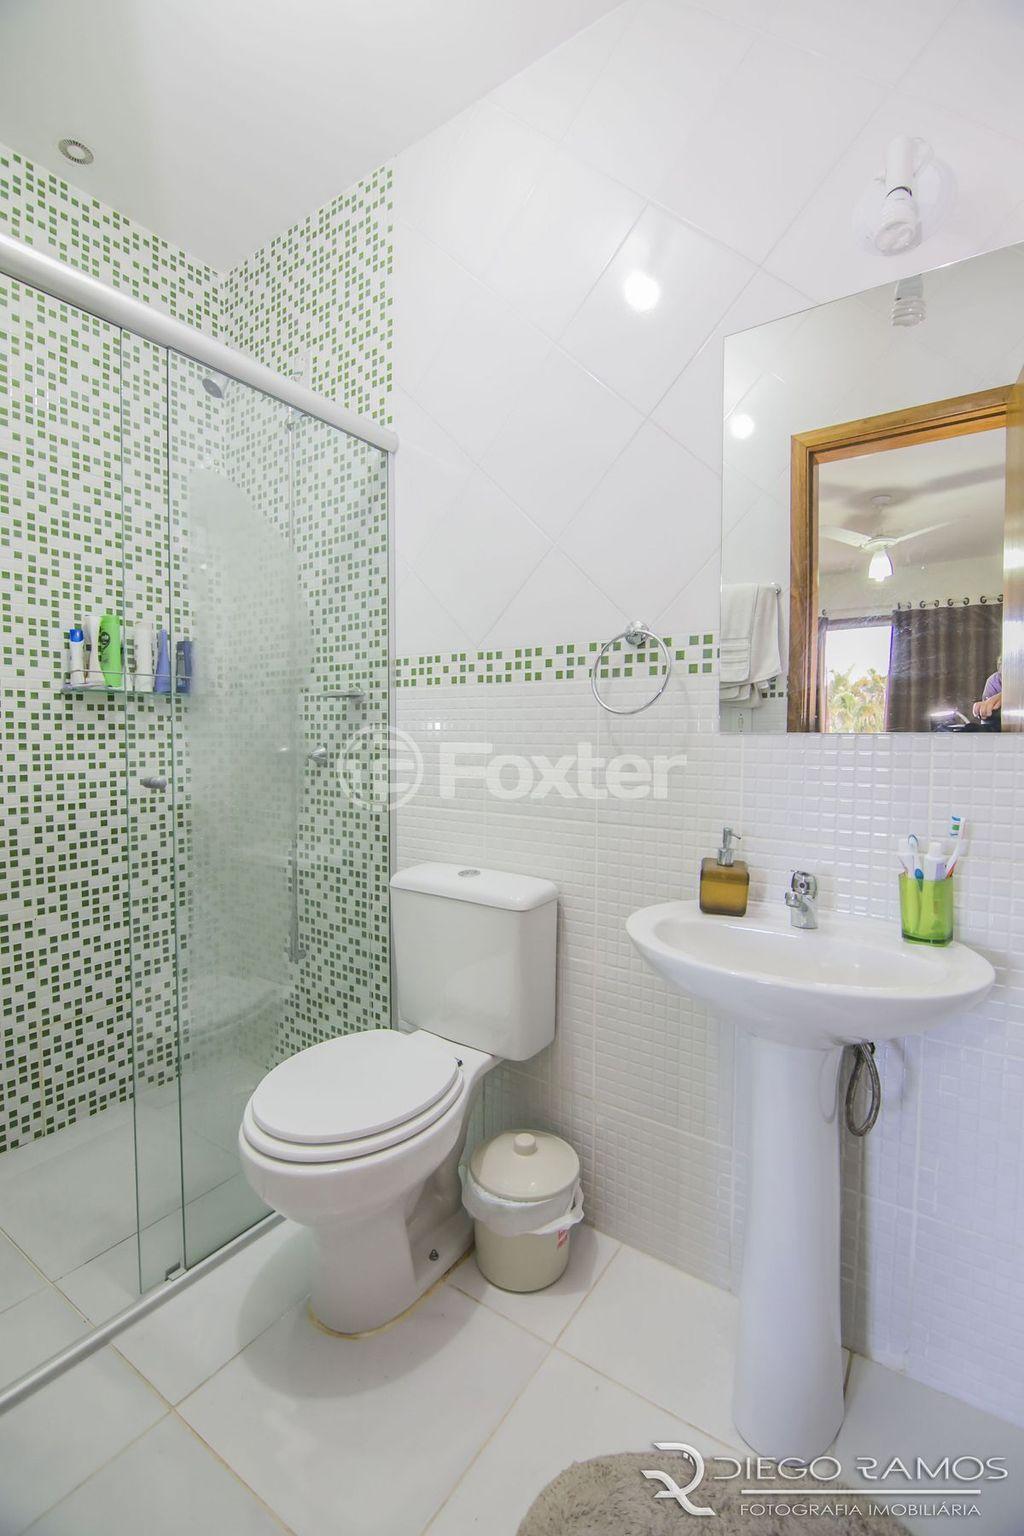 Foxter Imobiliária - Casa 3 Dorm, Camaquã (132851) - Foto 15